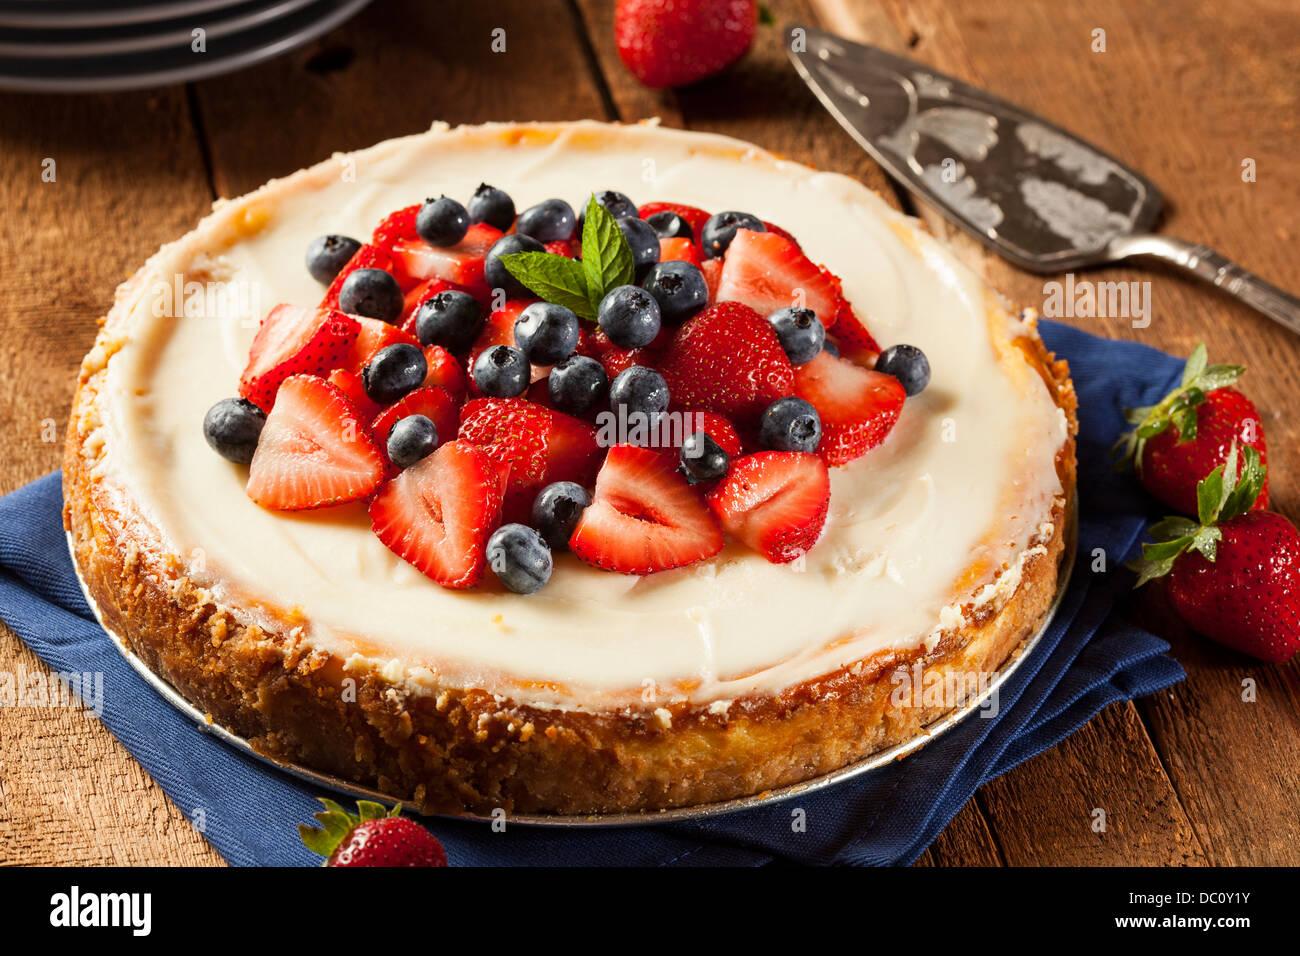 La Fraise fait maison pour le dessert gâteau au fromage et aux bleuets Photo Stock